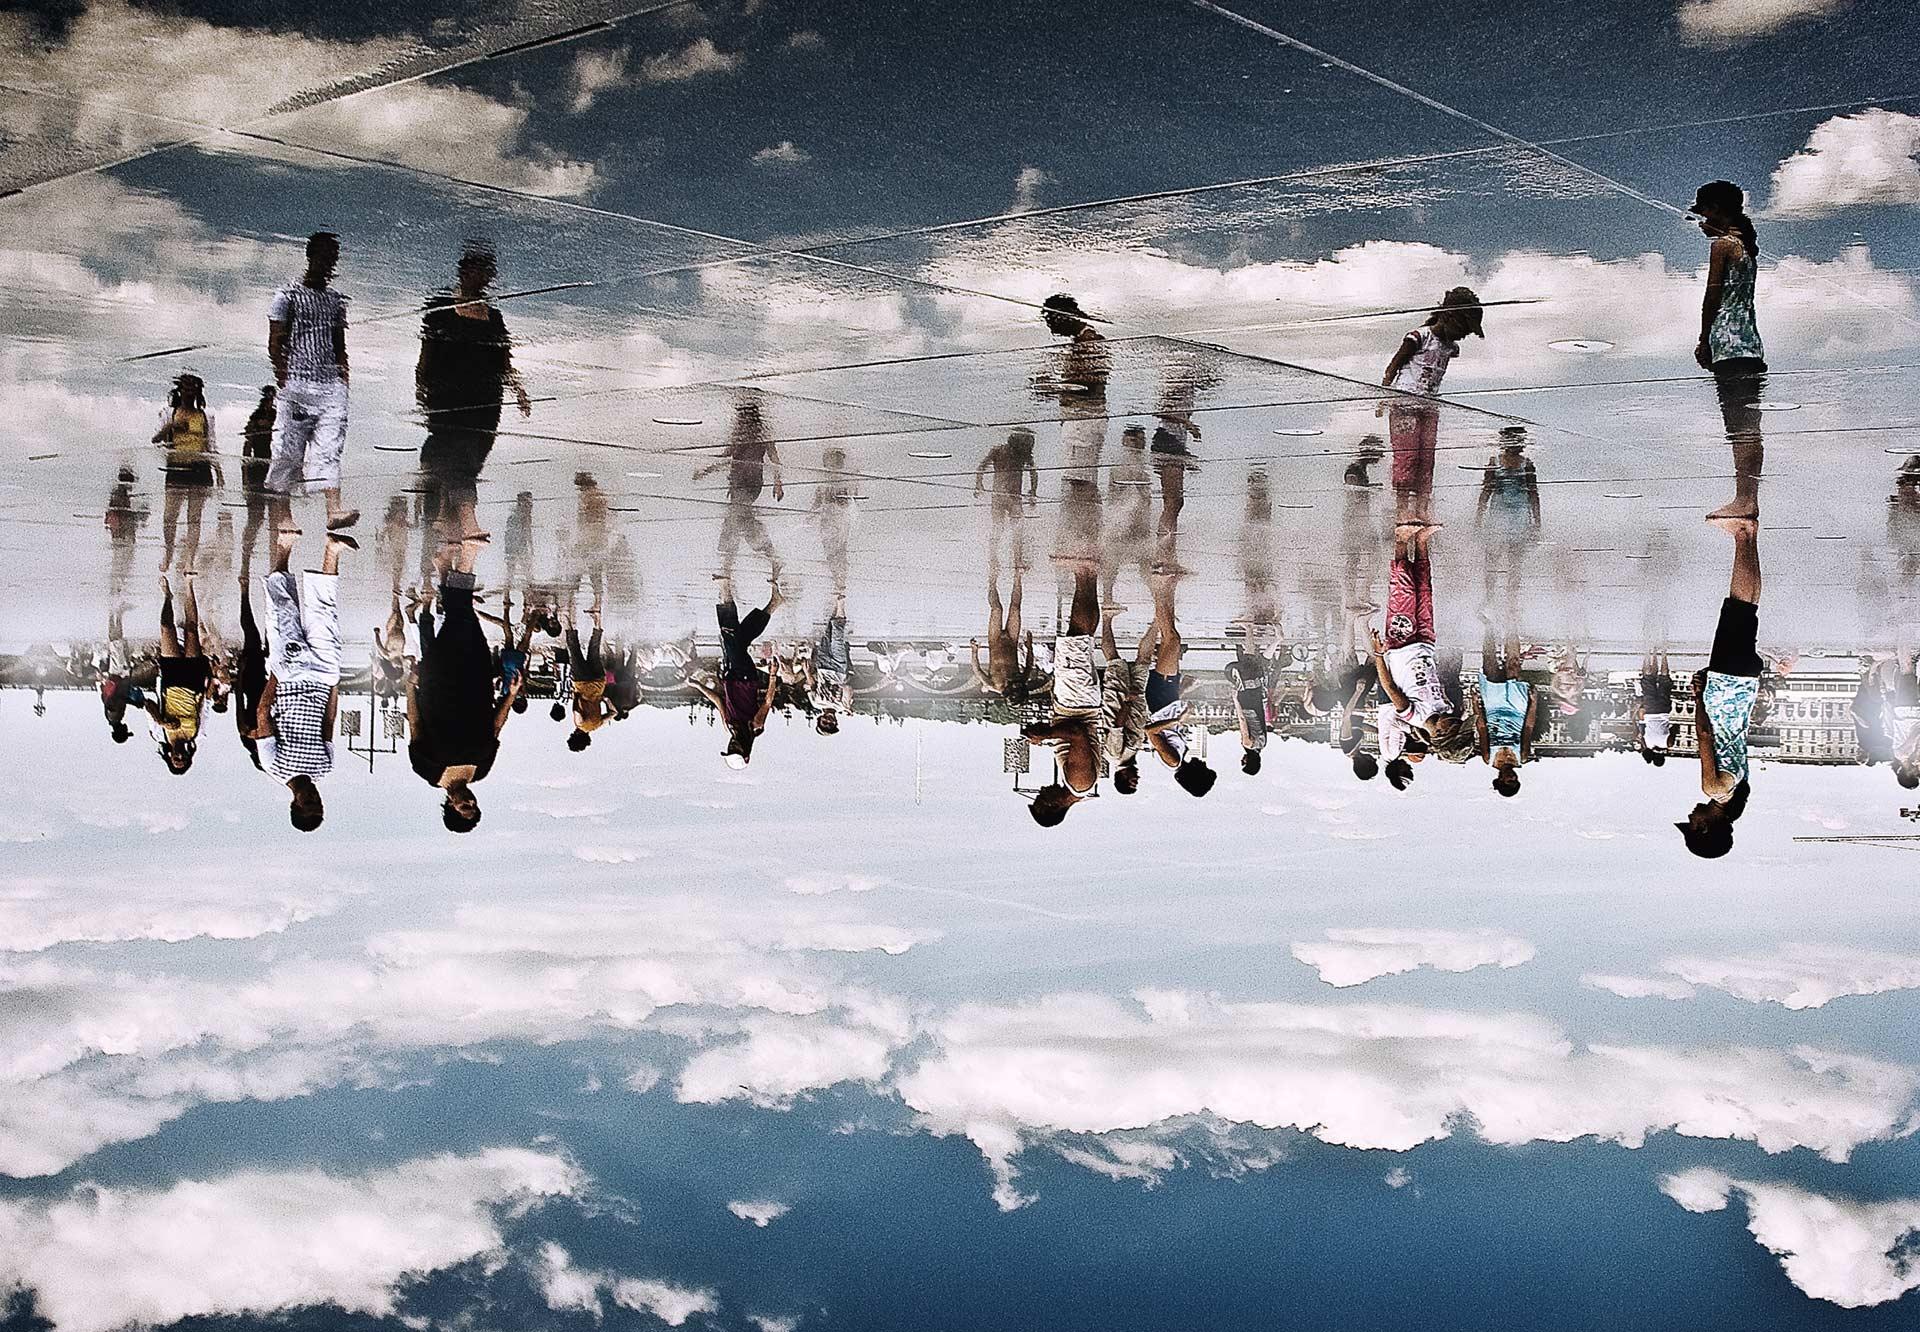 upside_down31